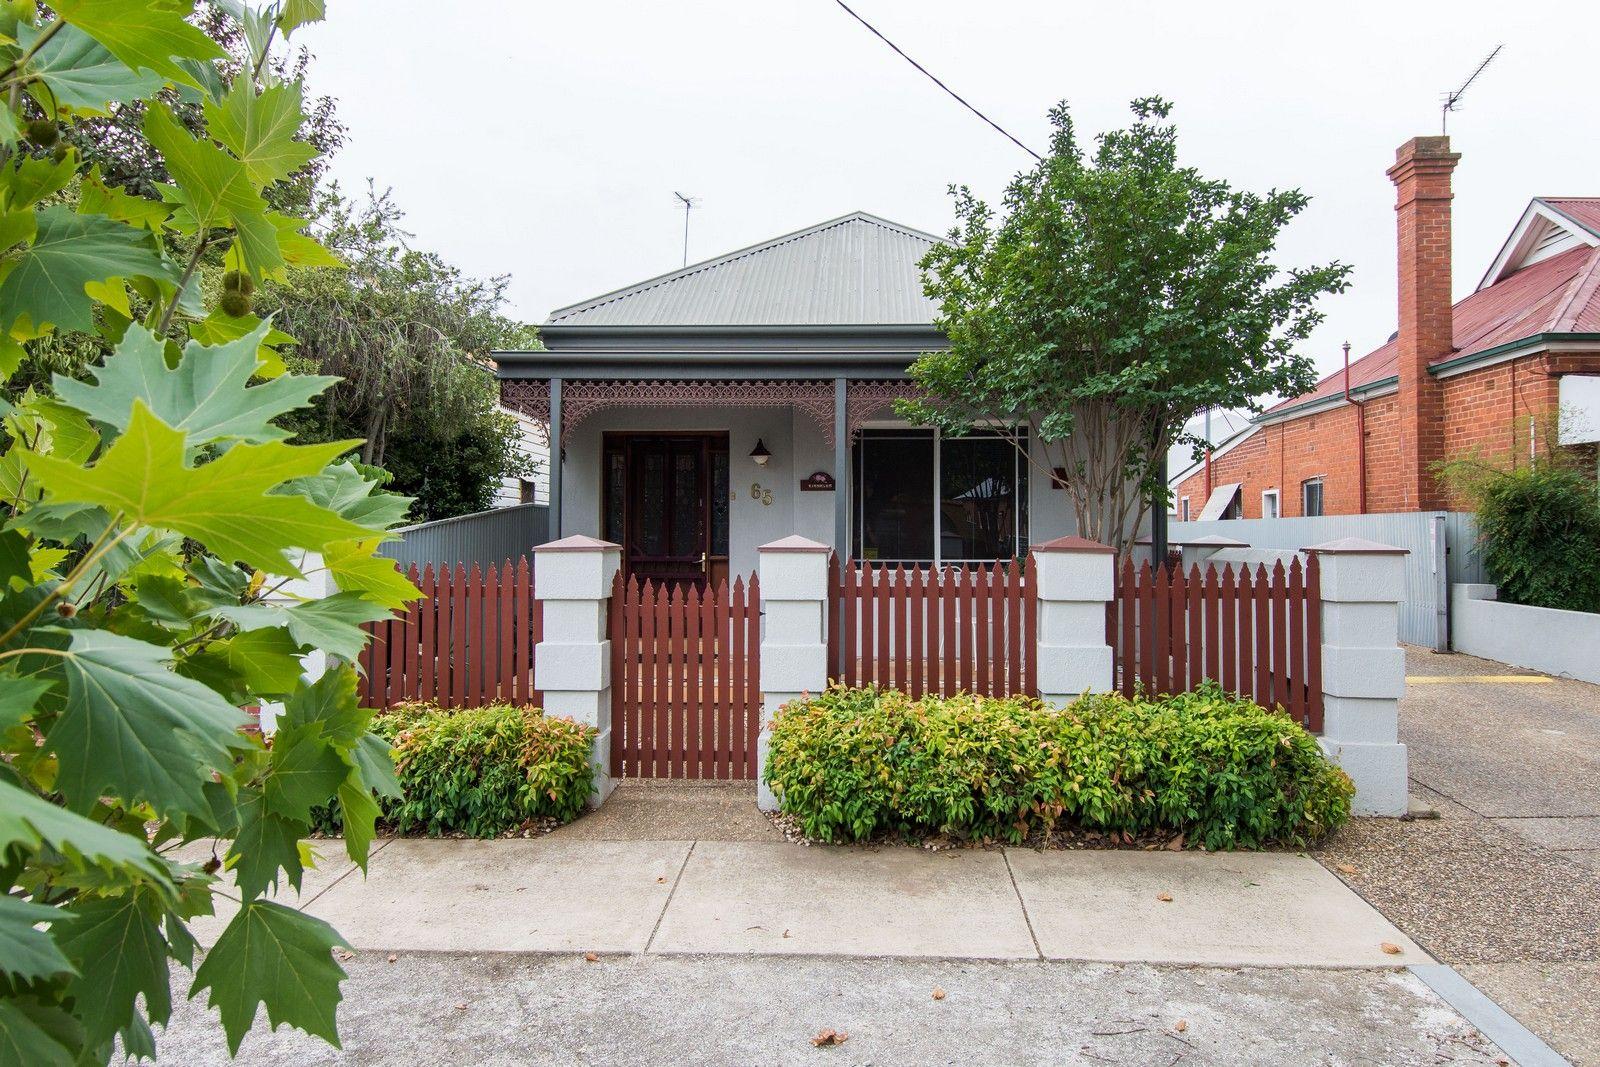 1/65 Crampton Street, Wagga Wagga NSW 2650, Image 0